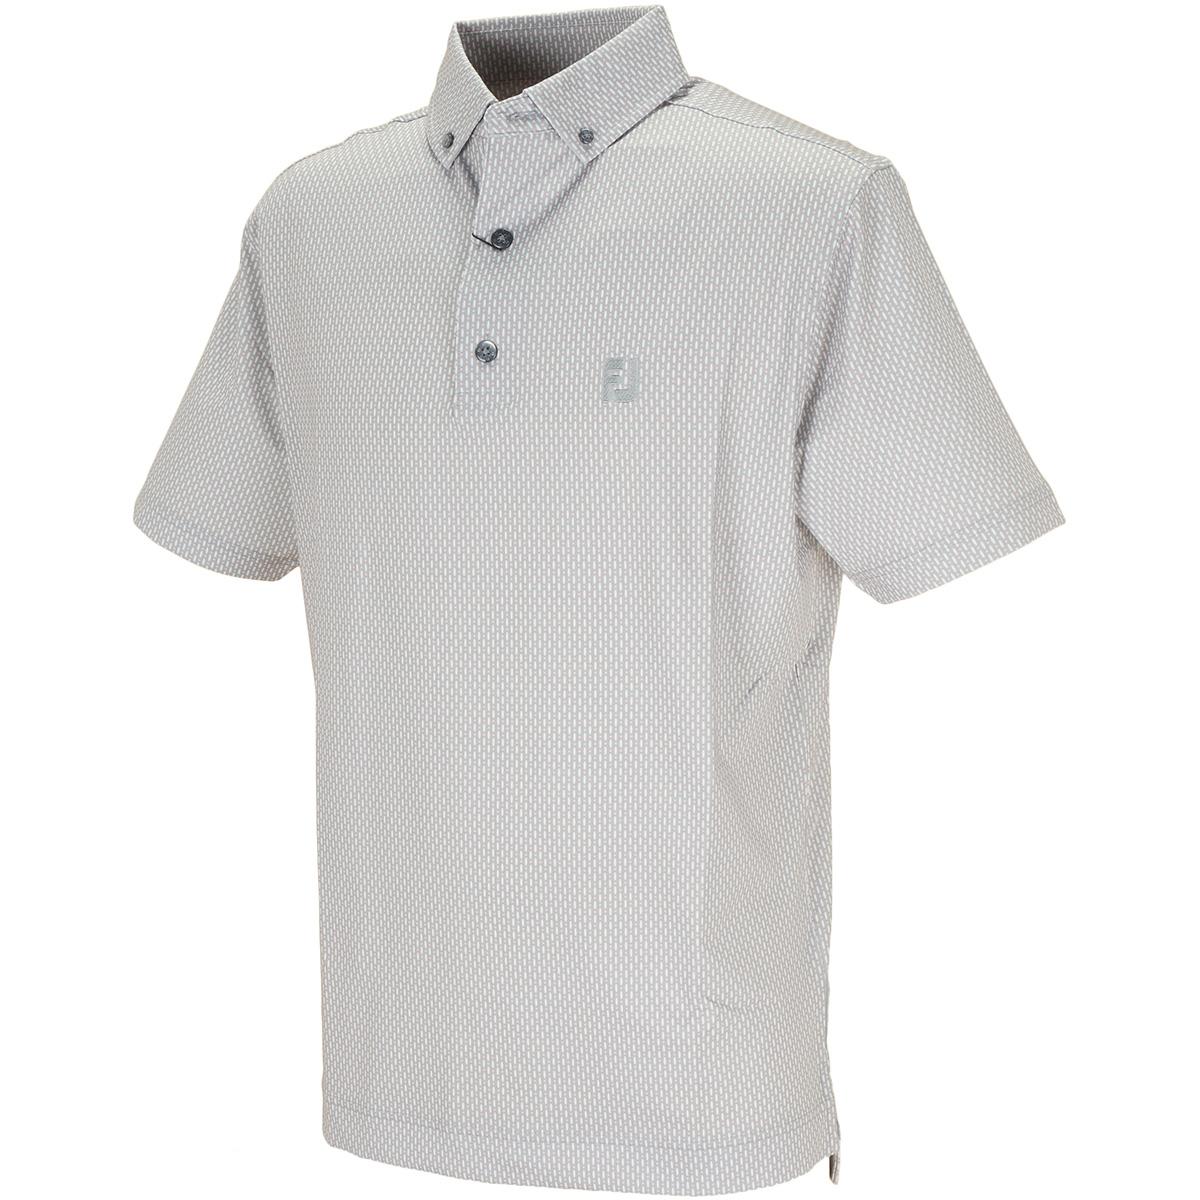 ニートプリント ストレッチ半袖ポロシャツ